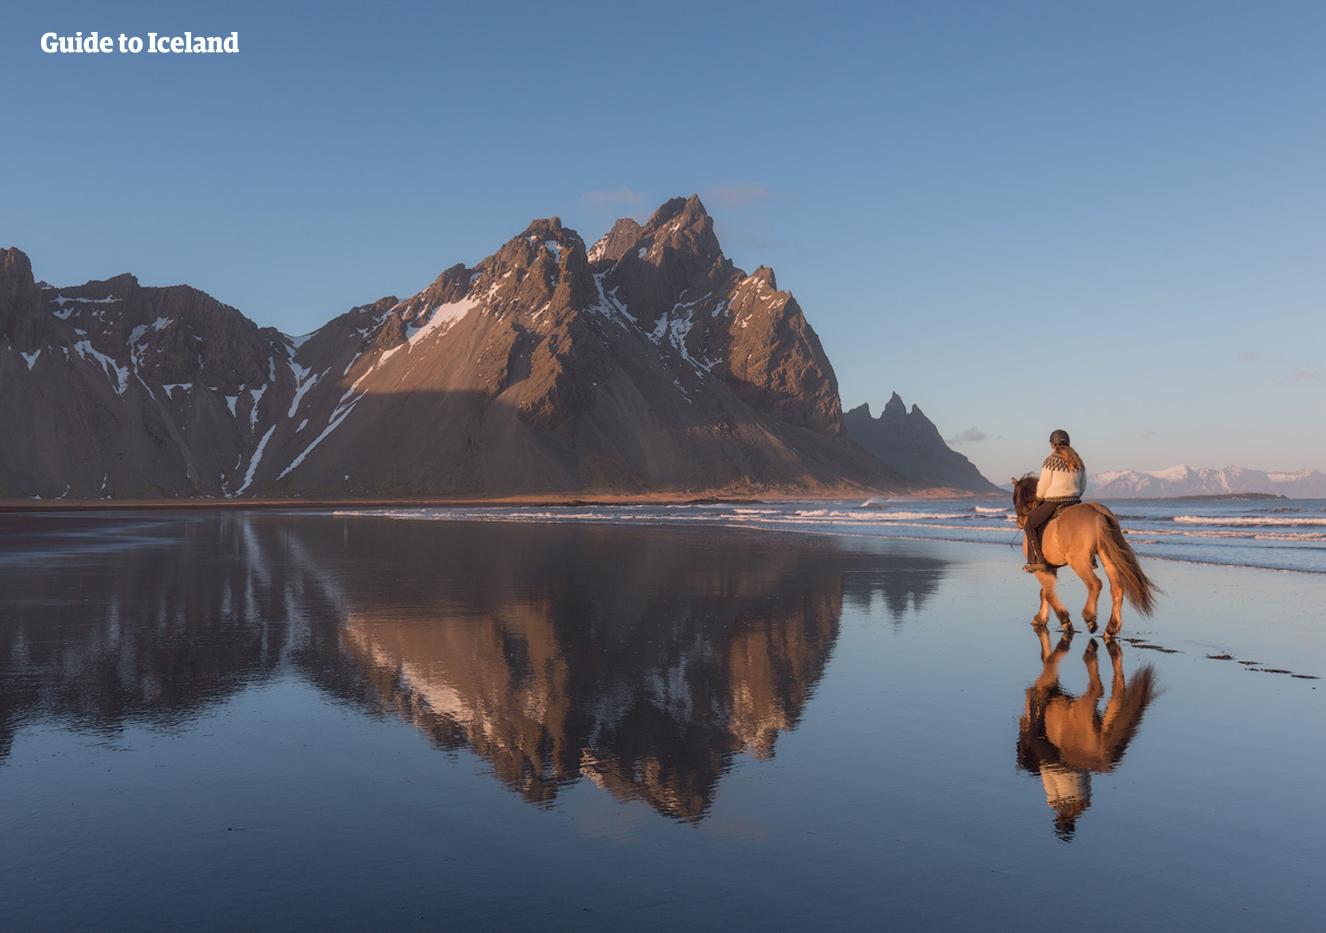 冰岛东部峡湾多奇山,棱角分明的西角山就是其中最著名的一座